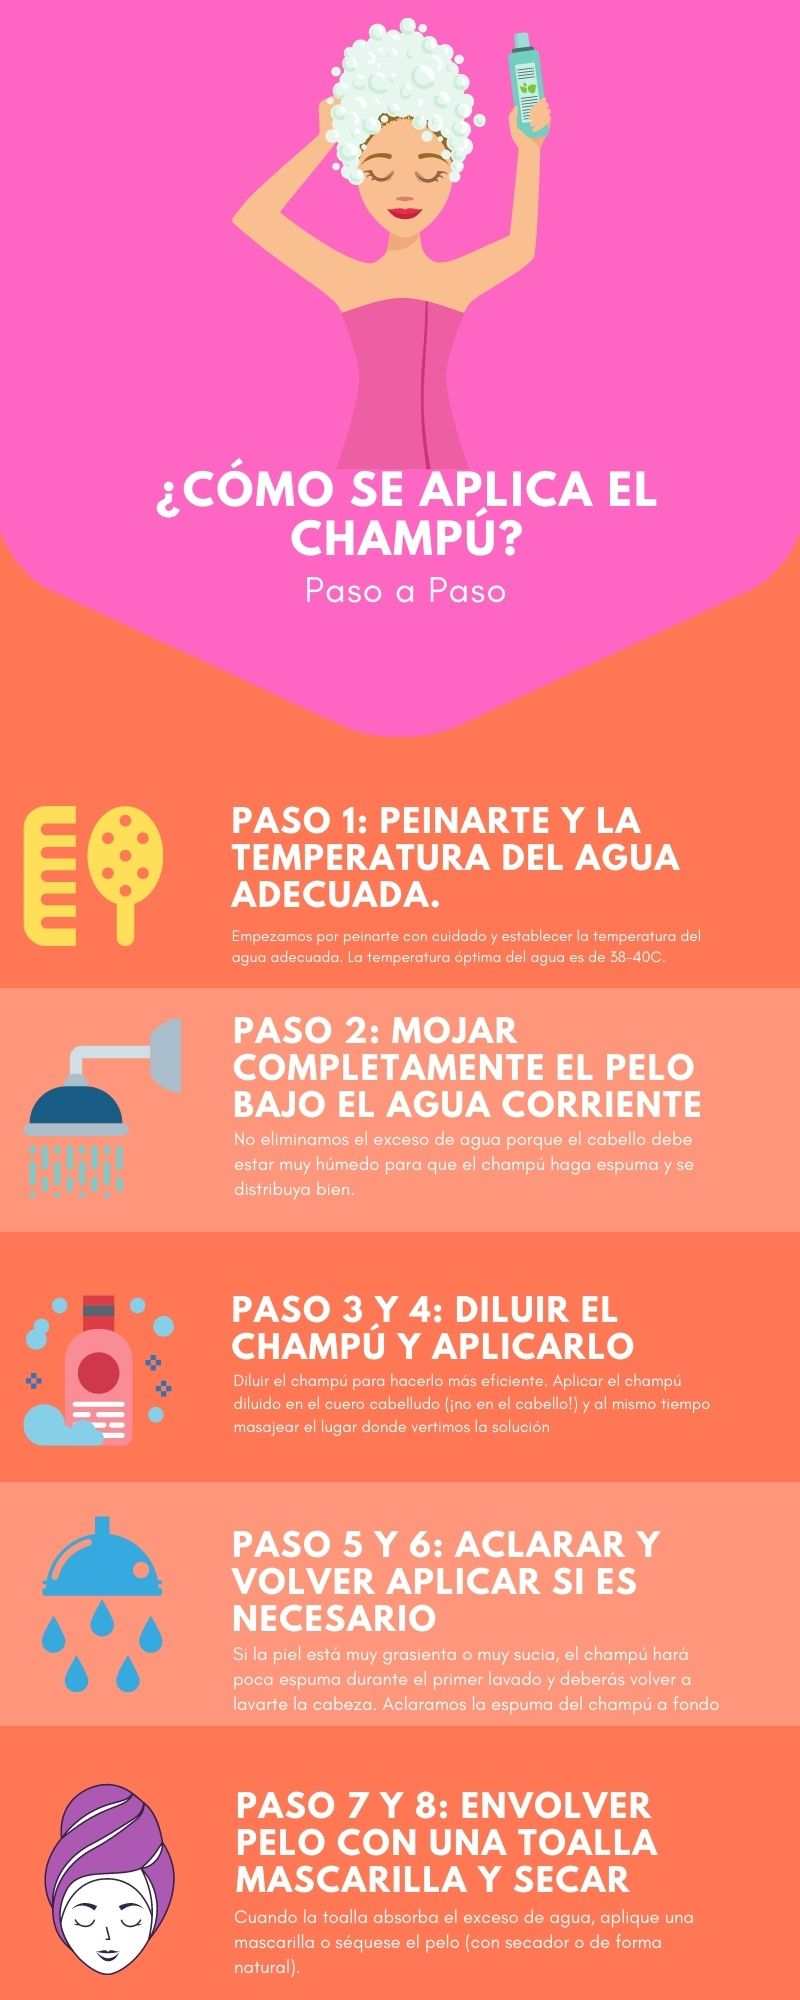 Infografía de Cómo se aplica el champú